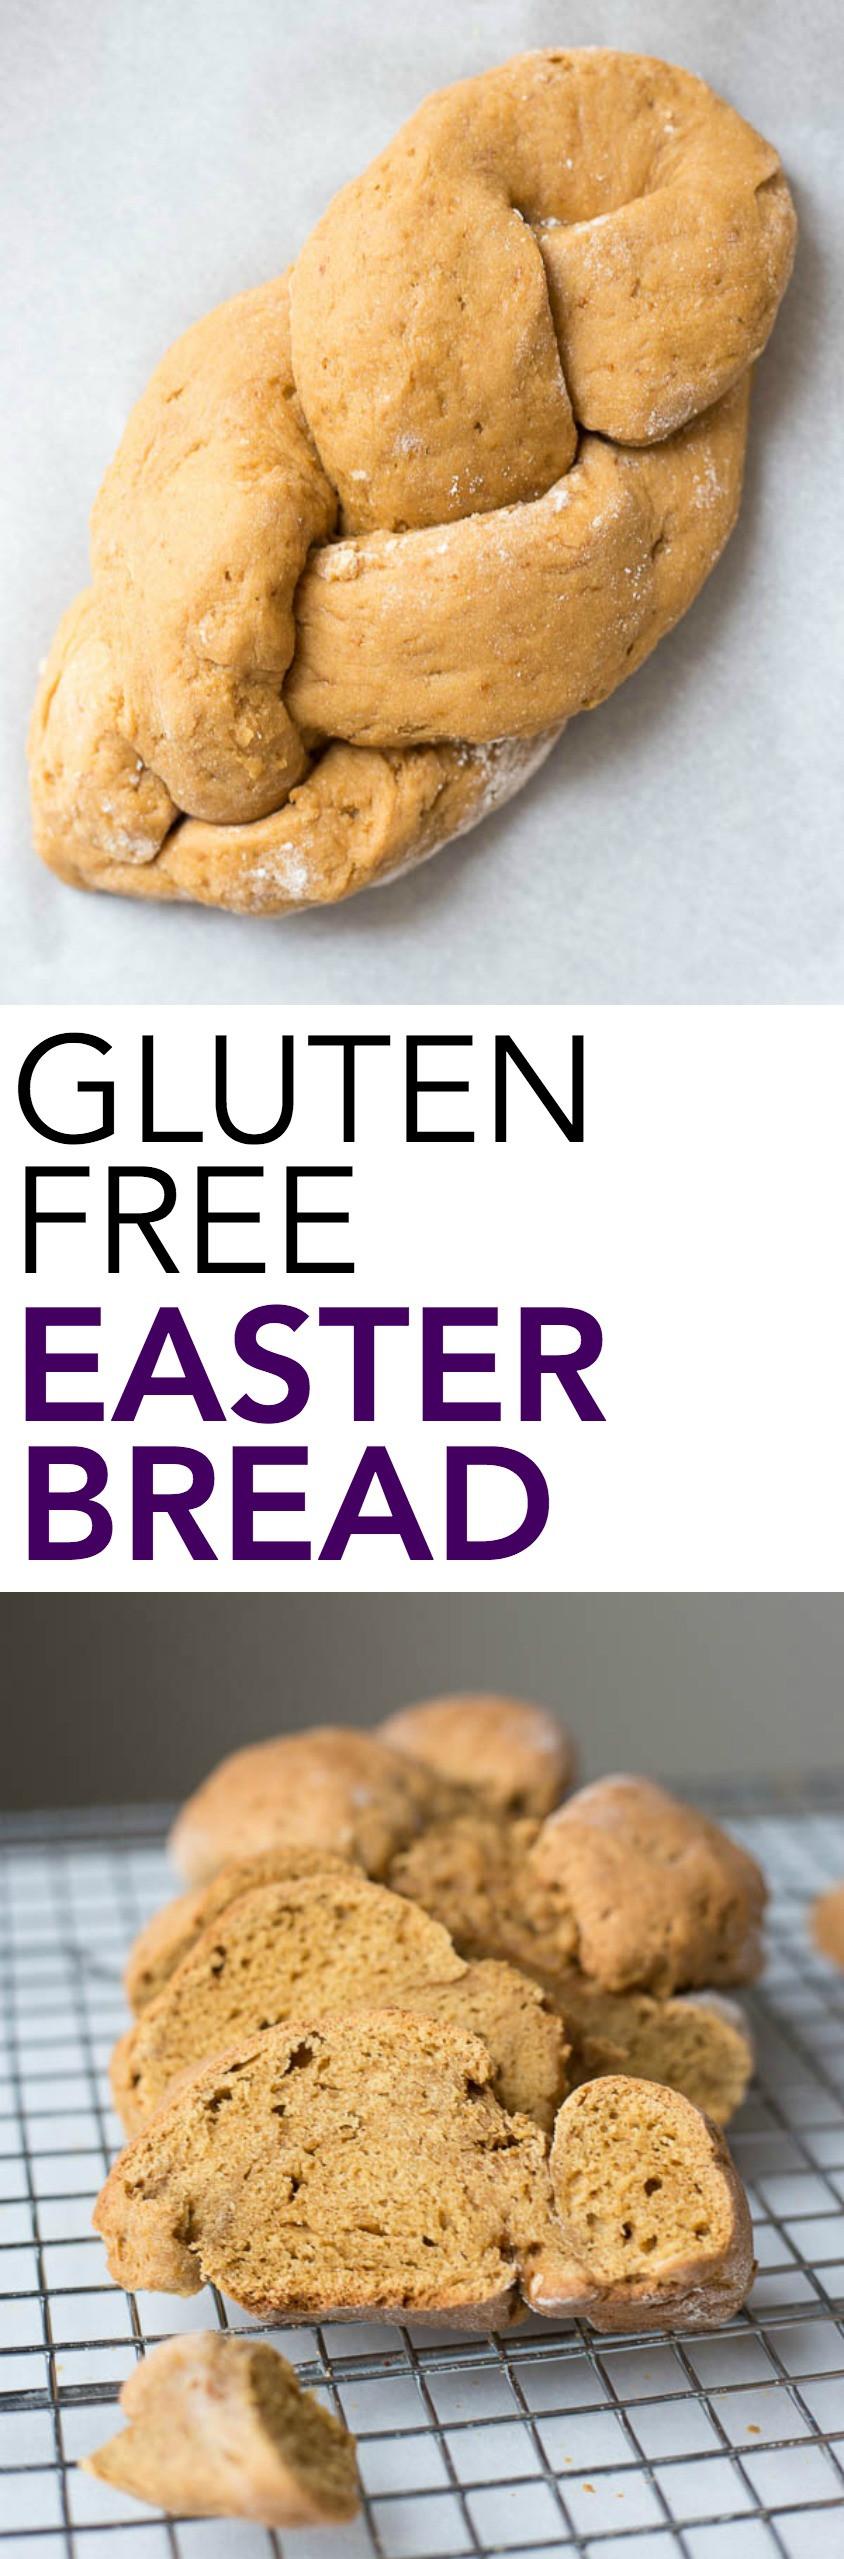 Gluten Free Easter Bread  Gluten Free Easter Bread Fooduzzi